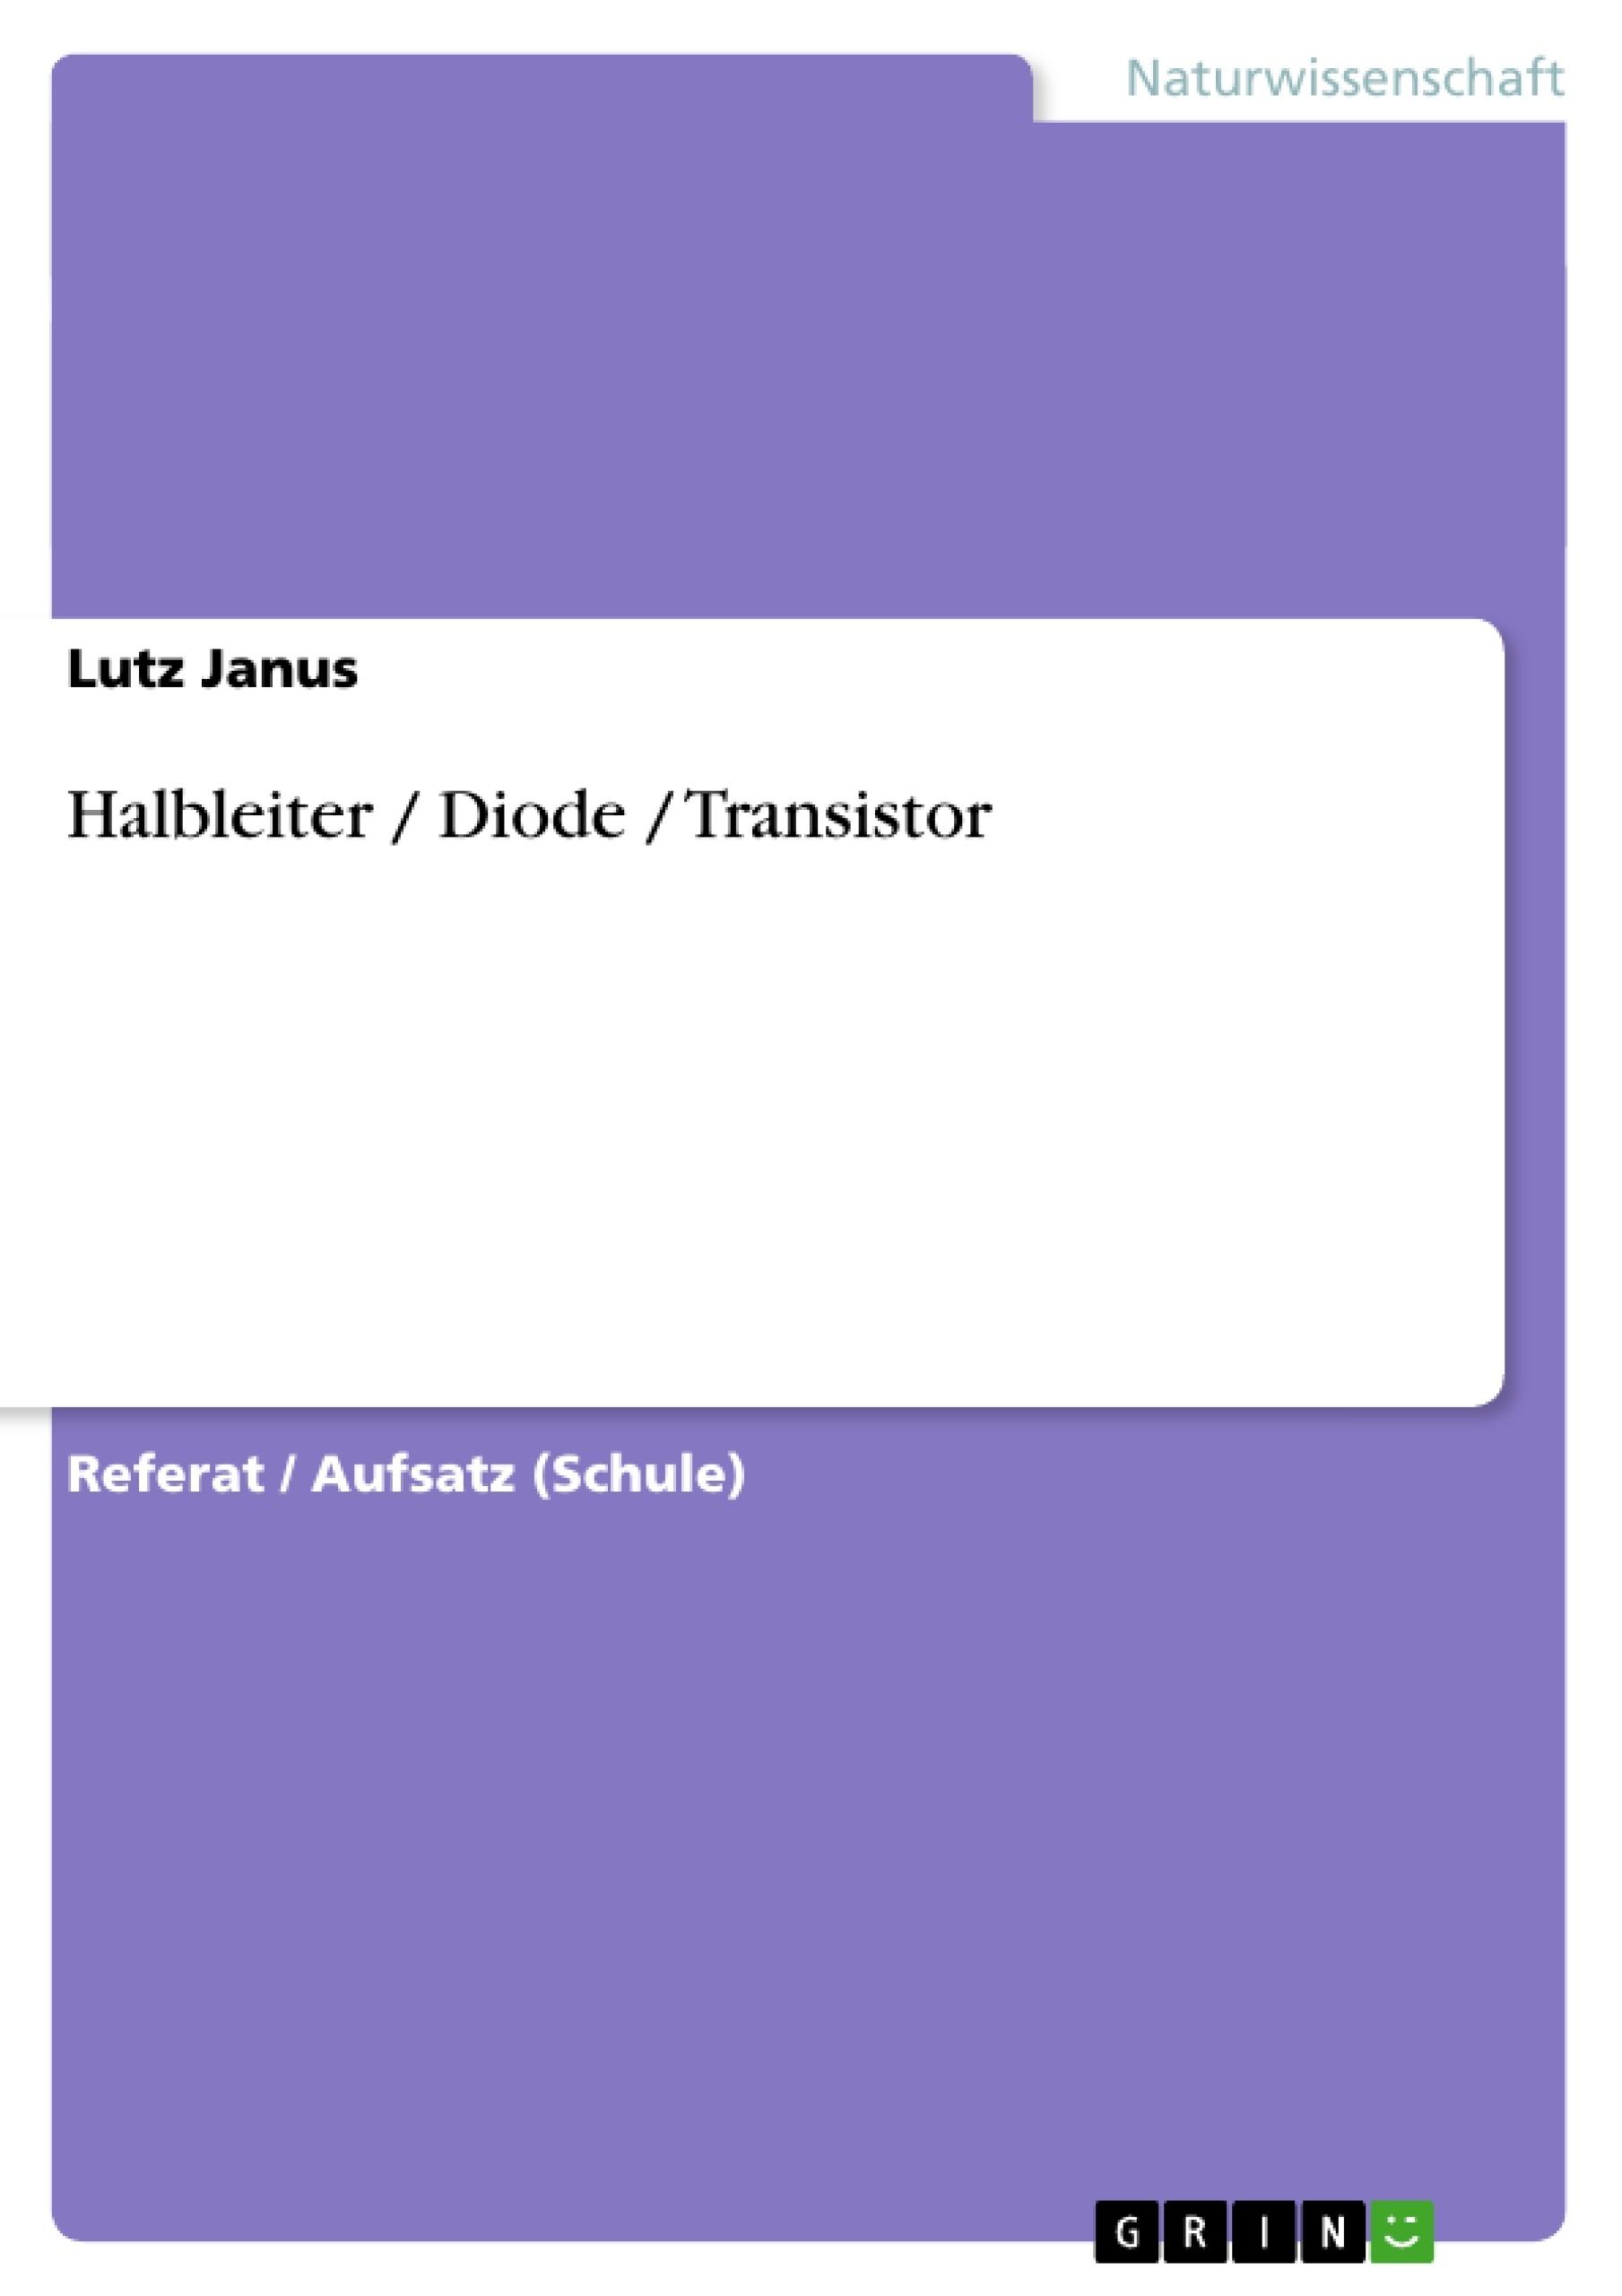 Titel: Halbleiter / Diode / Transistor